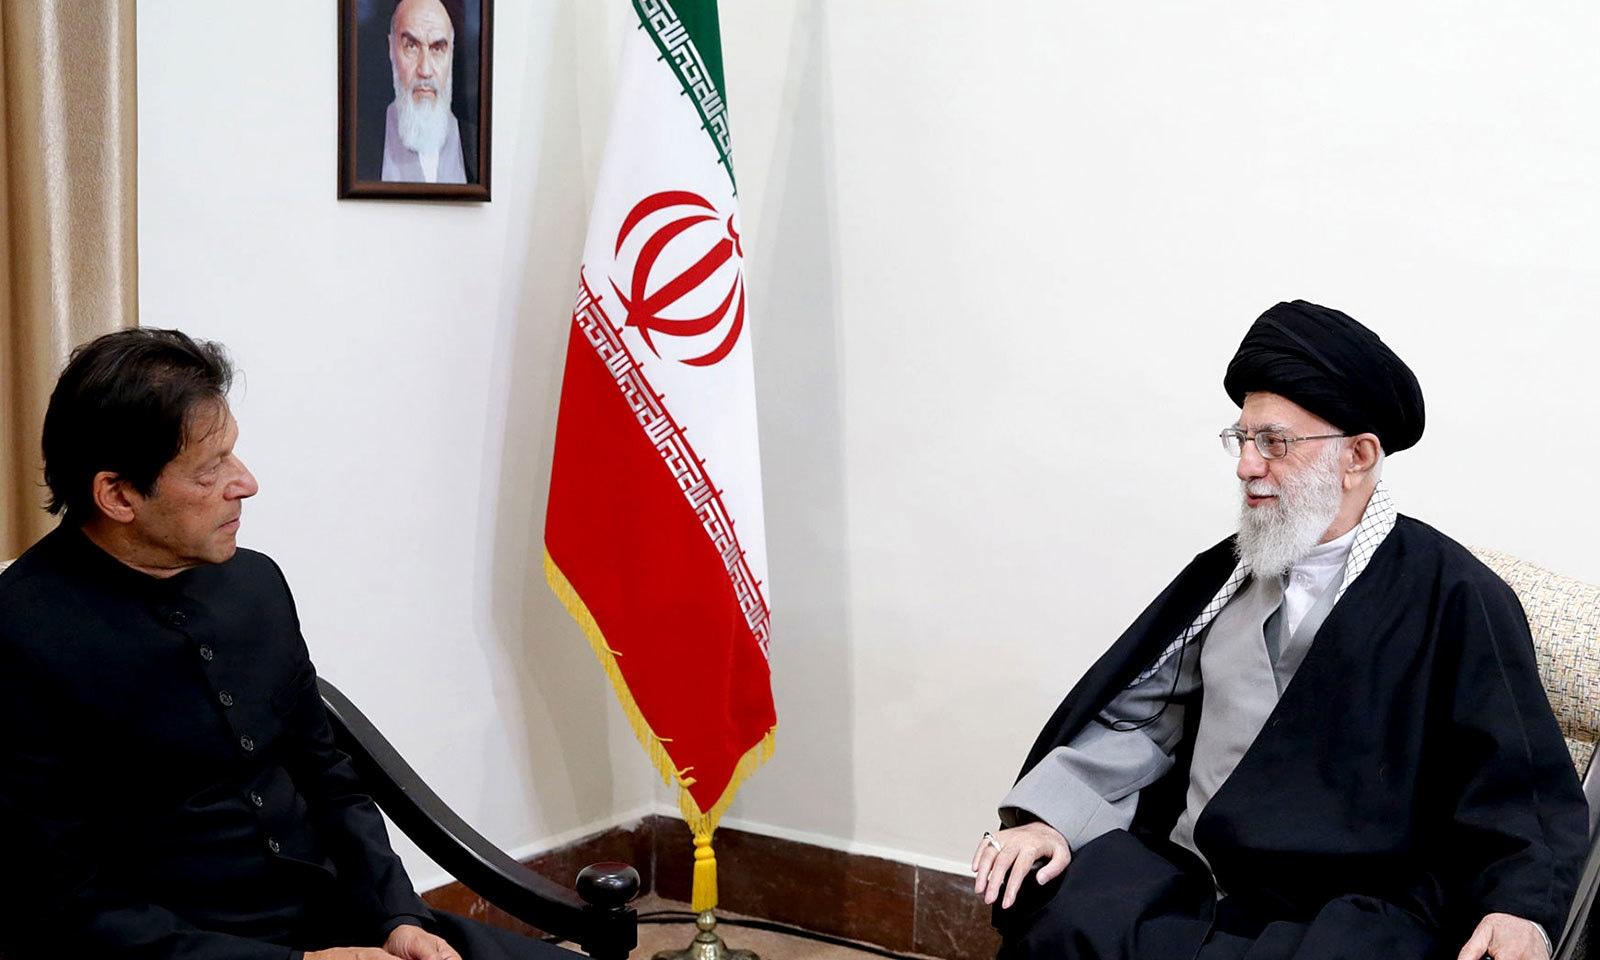 وزیراعظم عمران خان نے دو روزہ دورے میں ایرانی سپریم لیڈر آیت اللہ خامنہ ای سے بھی ملاقات کی—فوٹو: اے ایف پی